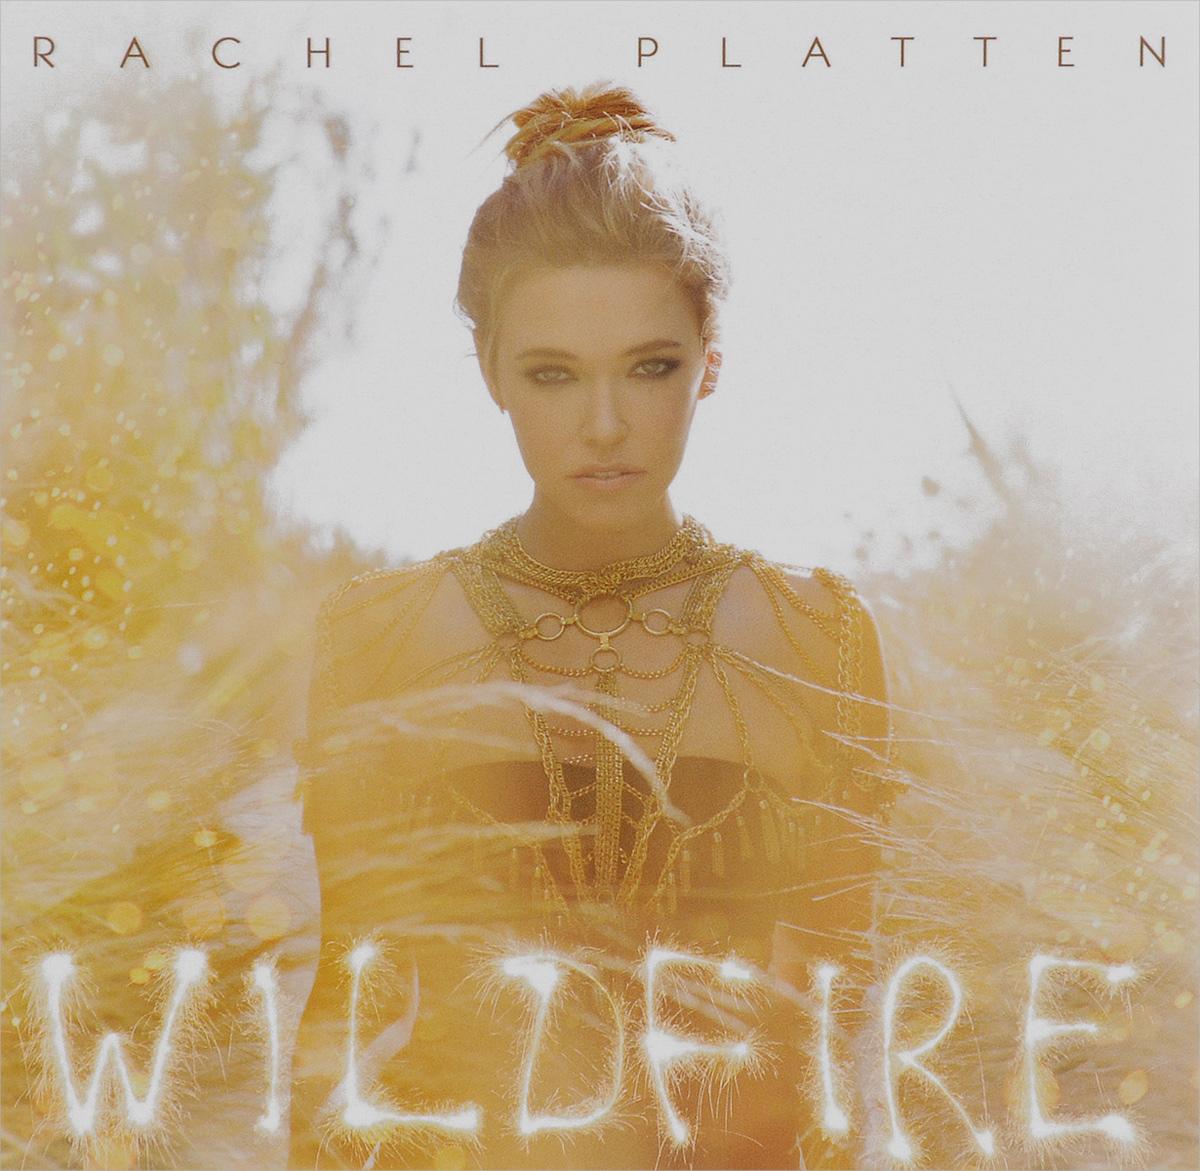 Rachel Platten Rachel Platten. Wildfire. Deluxe Version wildfire